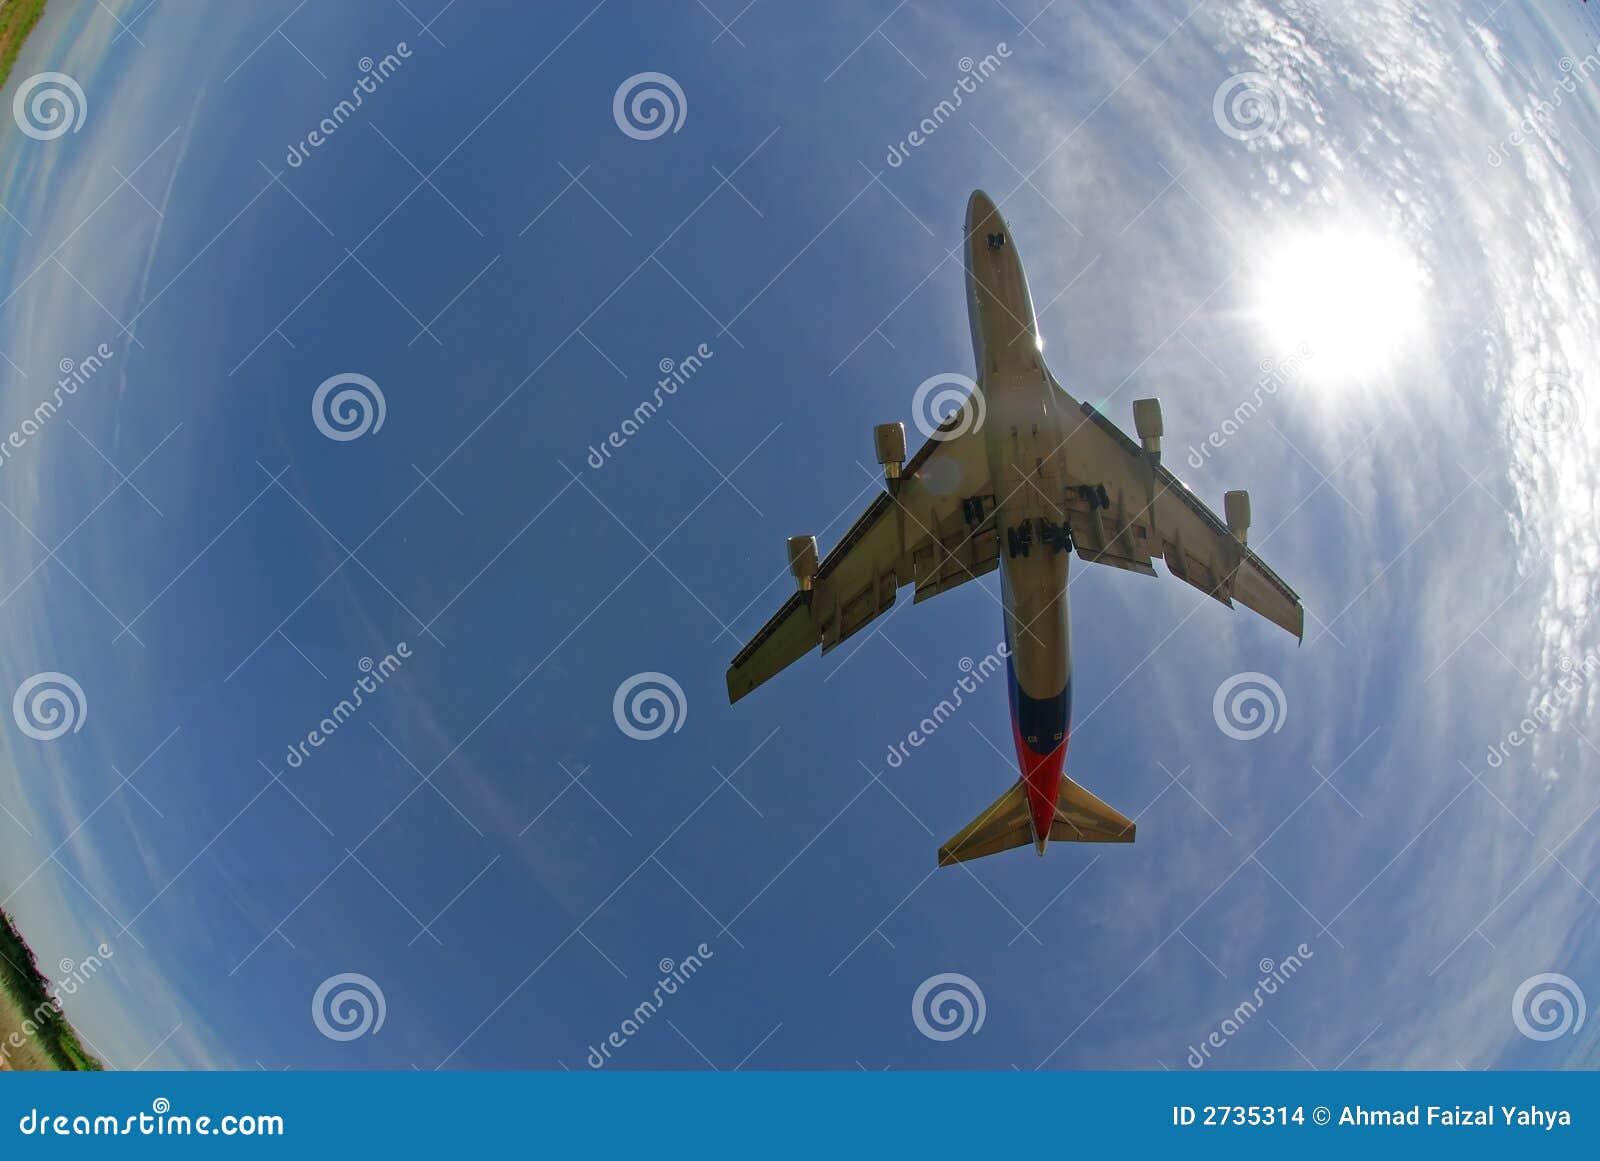 飞机照片股票